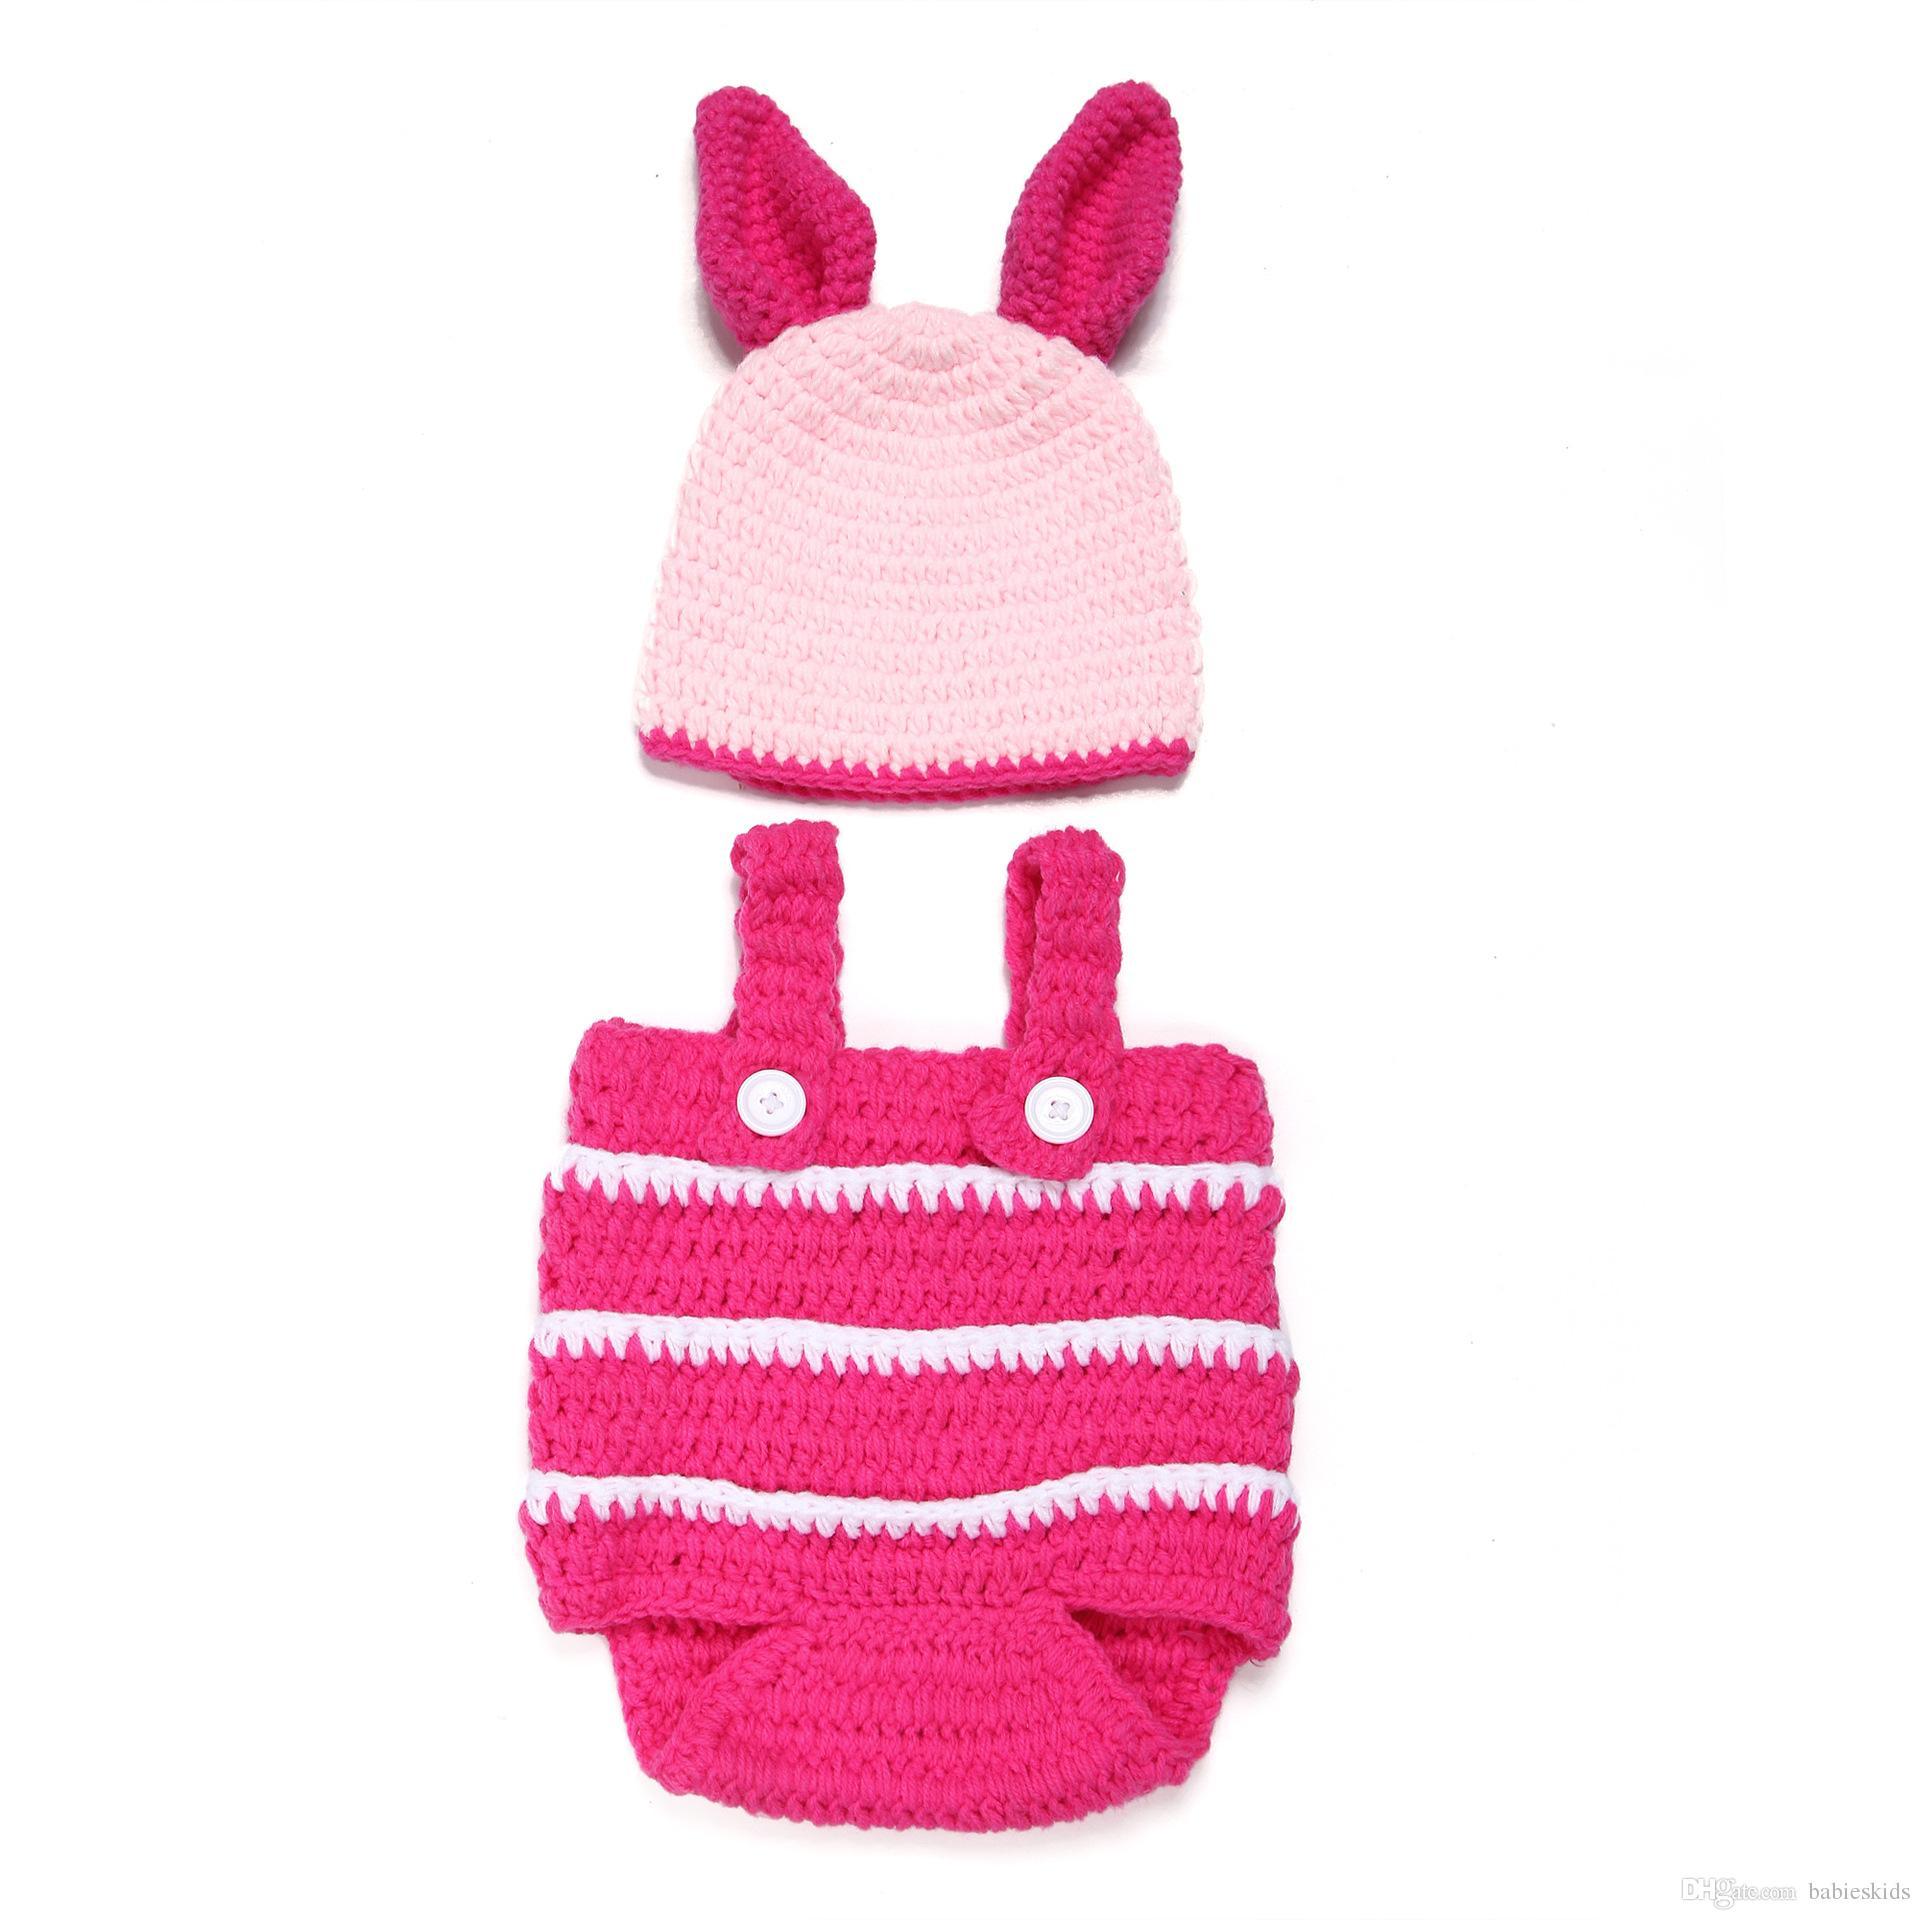 Nouveau Lapin Lapin Nouveau-Né Bébé Vêtements Enfants Photographie Accessoires Costume Avec Chapeau Lapin De Pâques Infantile Bébé Photo Prop Crochet Photographie Props